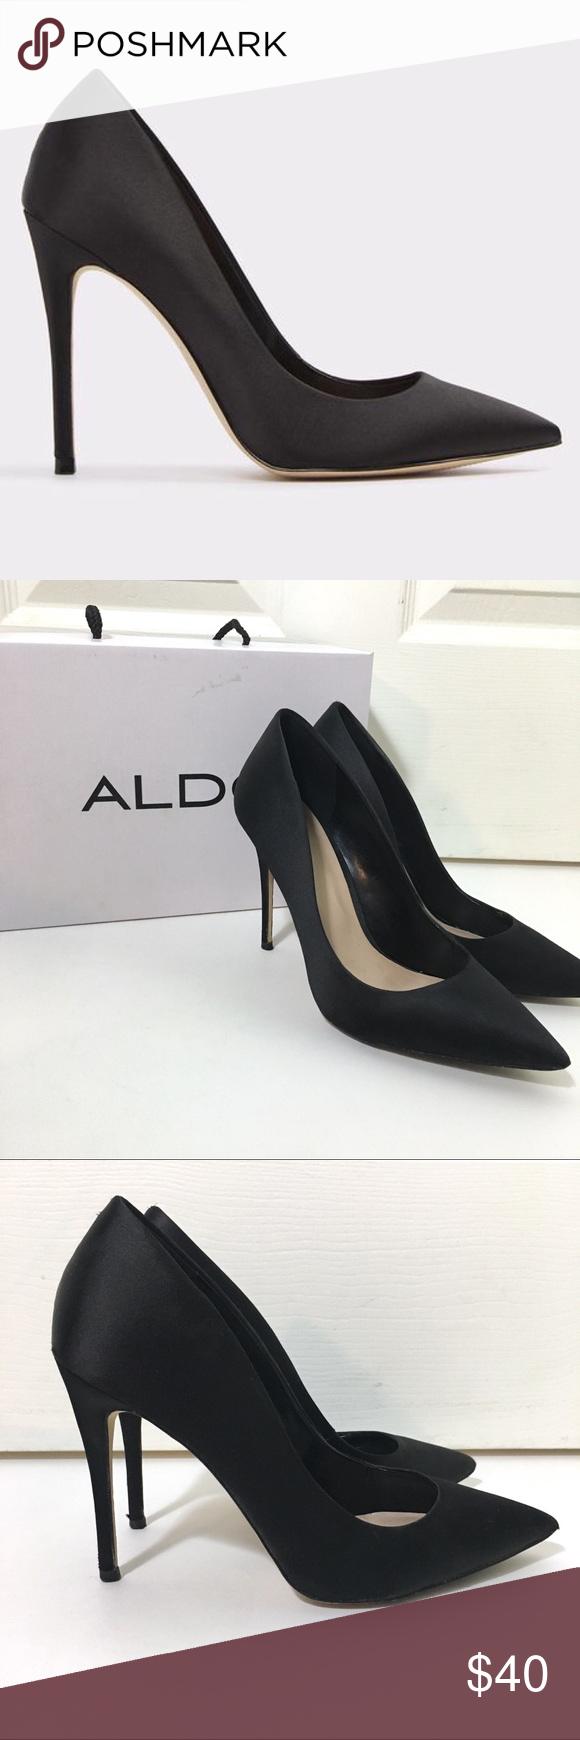 35f1f762cbea Aldo Laralilla Satin Black Pump - Size 8 Seriously so classy and sexy! The  silhouette